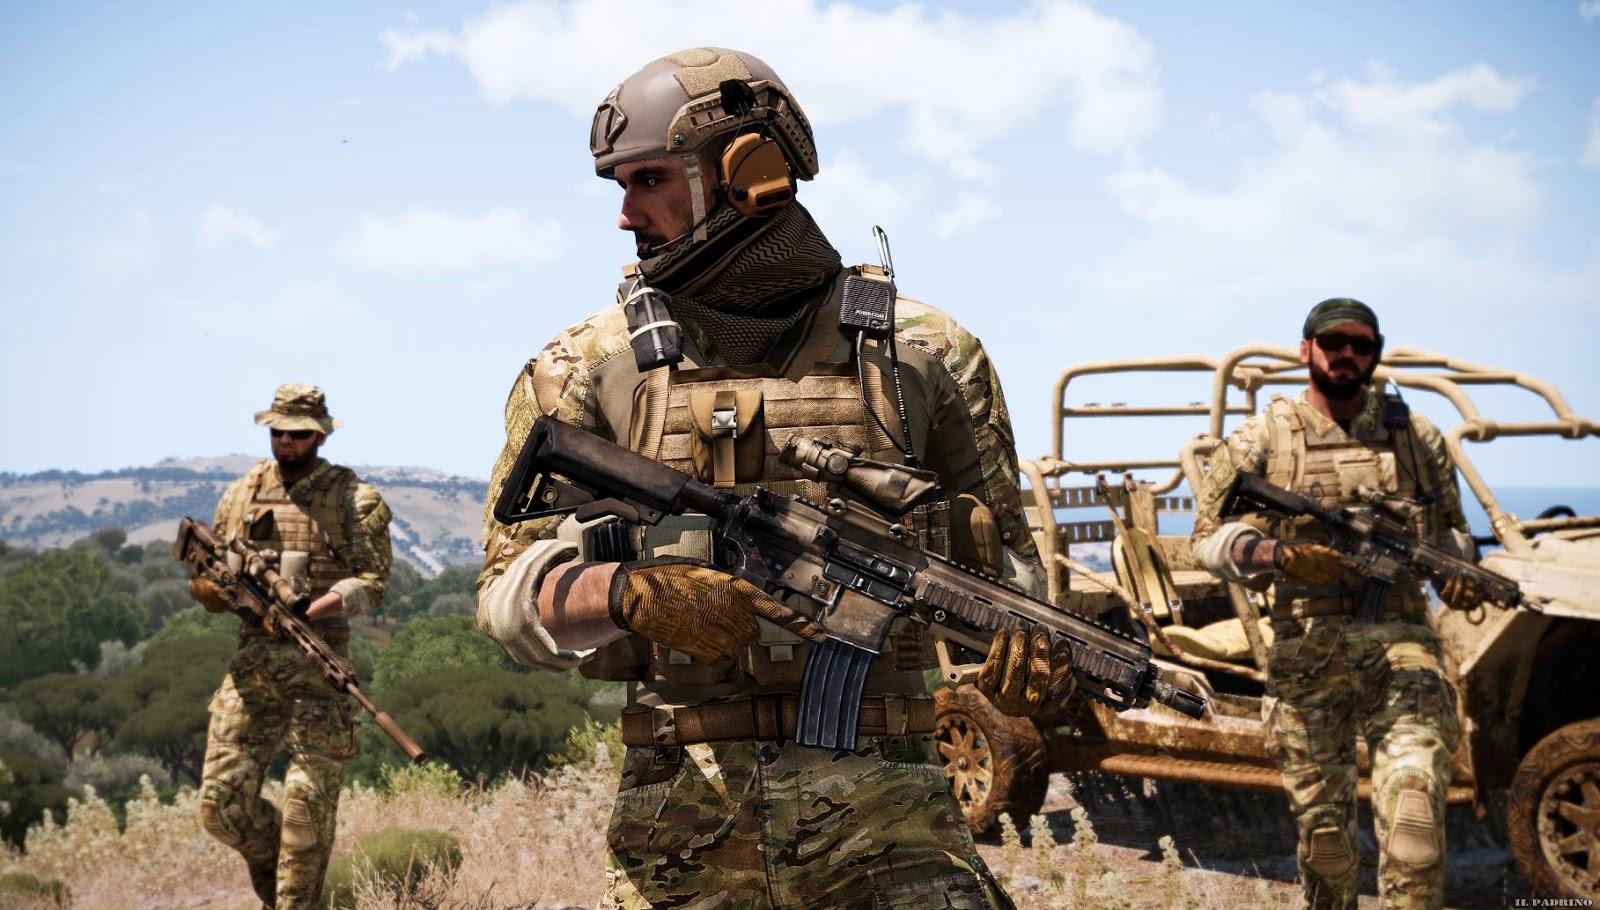 Arma 3 Marines – Fondos de Pantalla